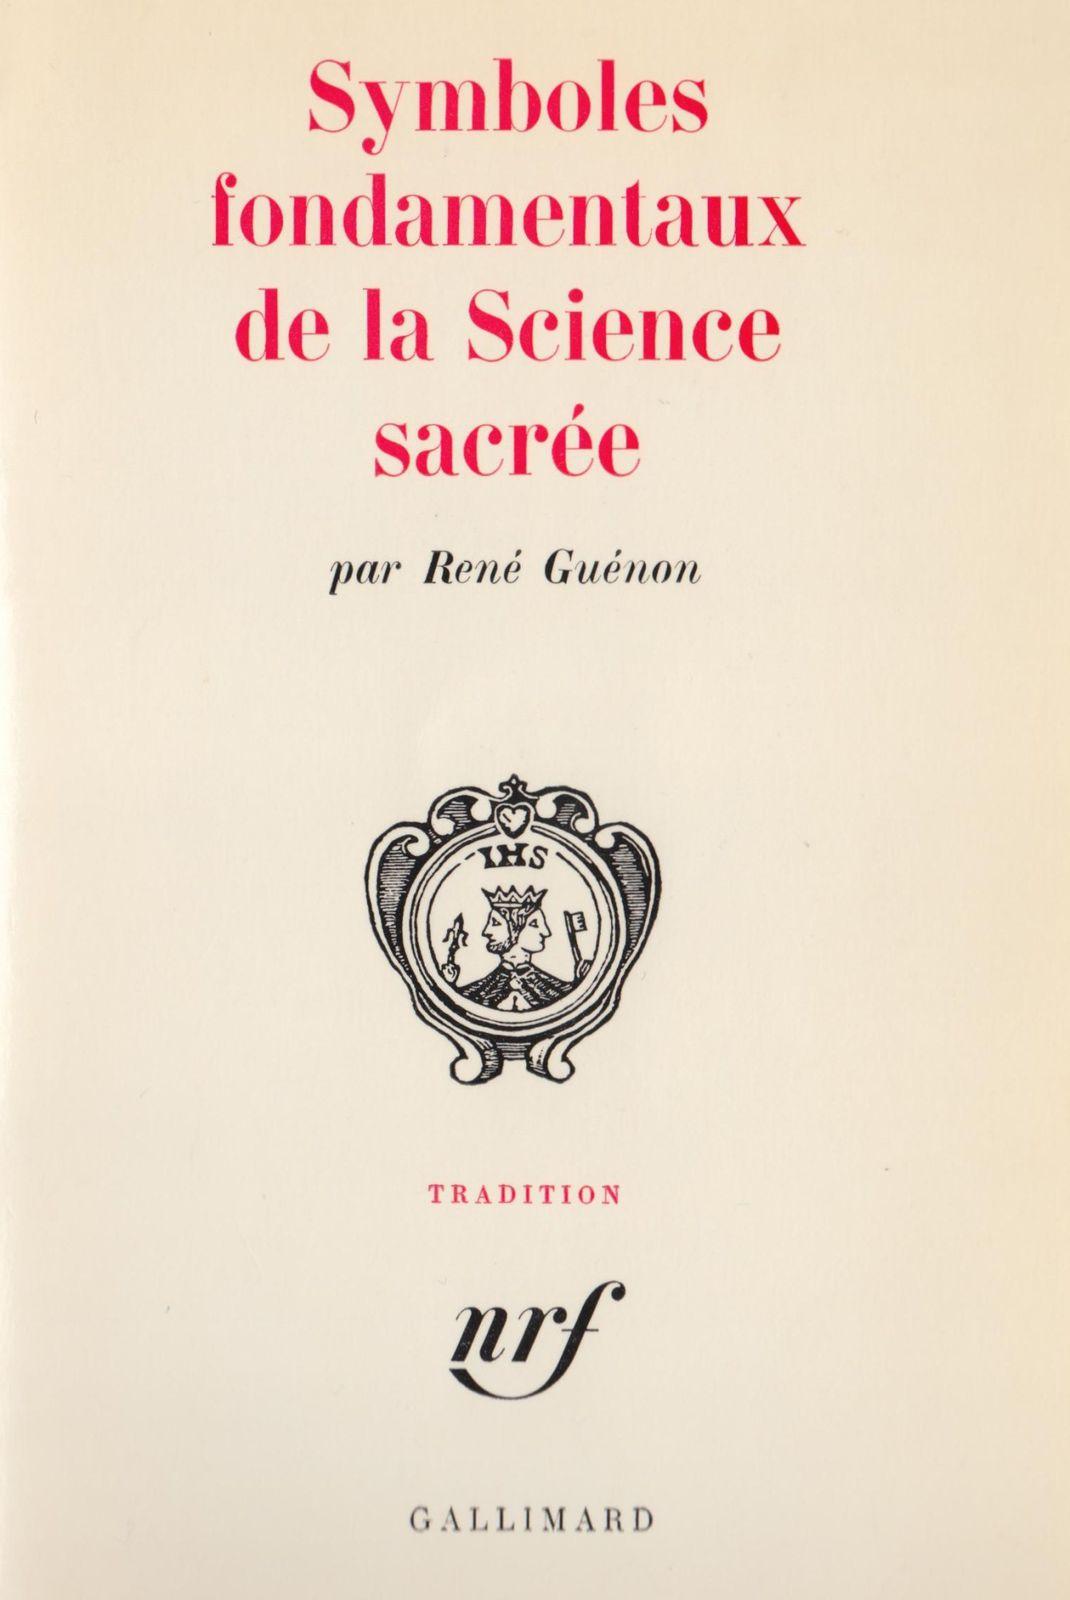 Symboles fondamentaux de la Science sacrée : Introduction